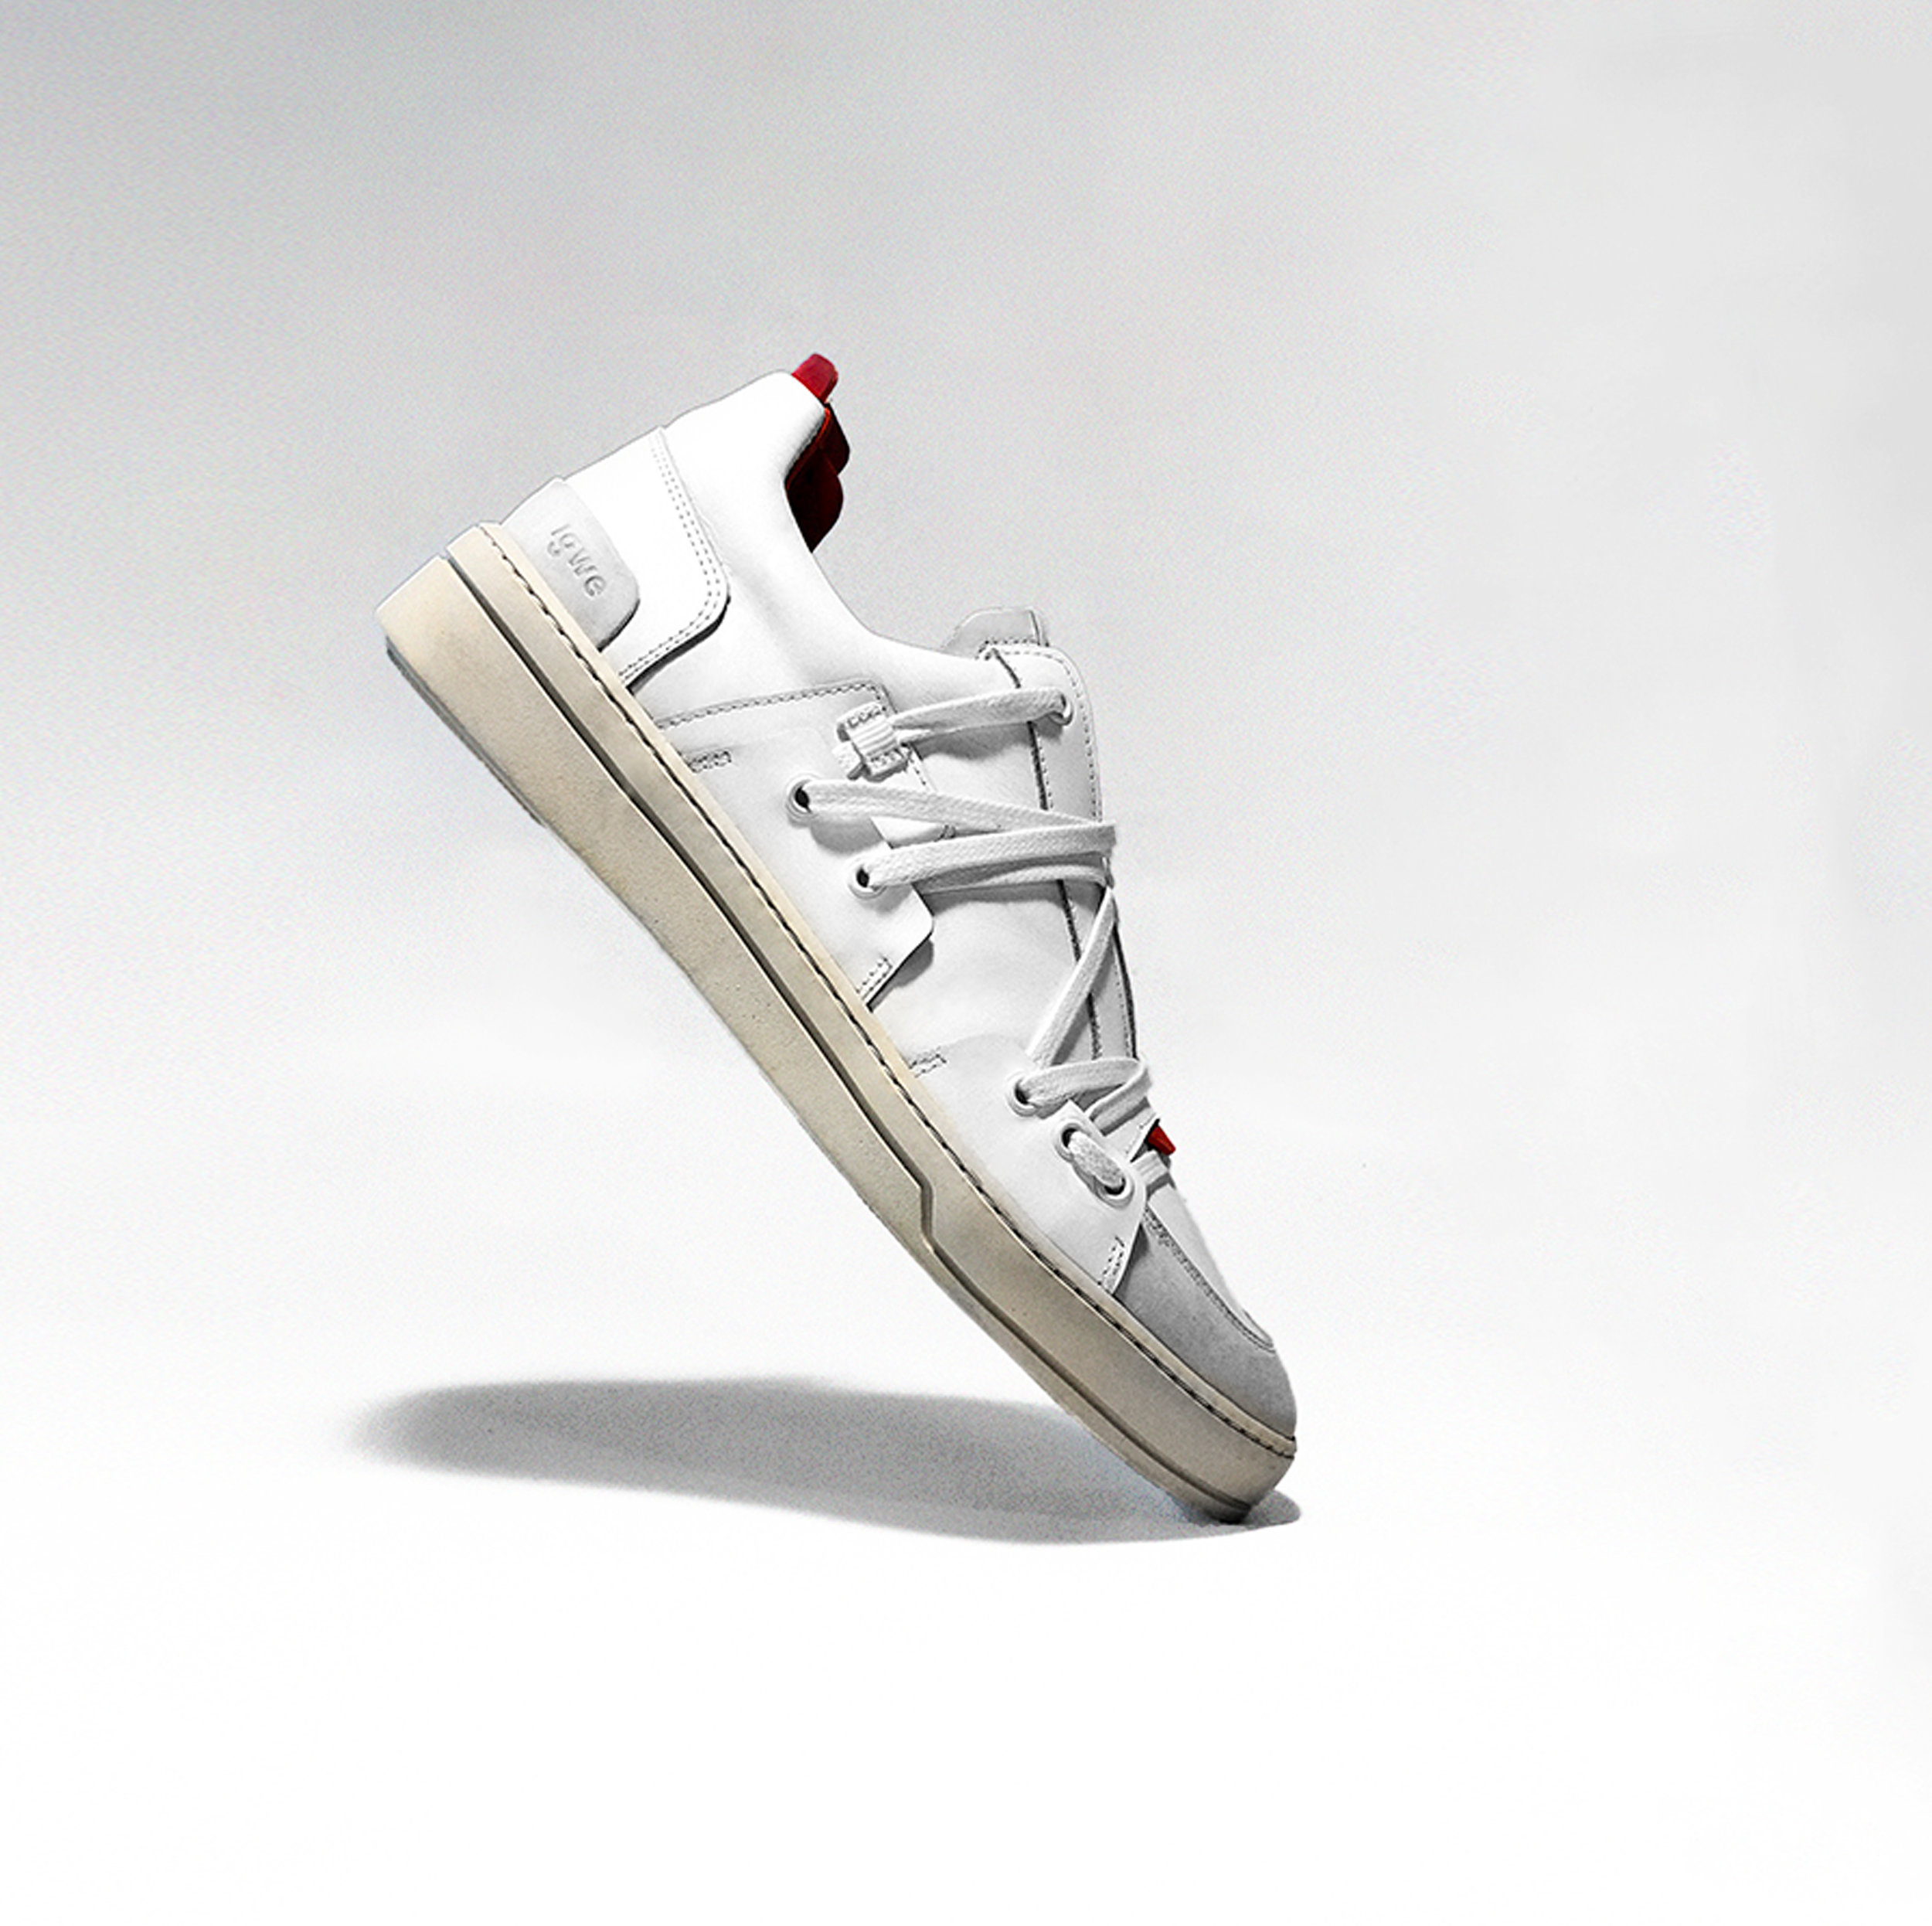 Comme un Camion - IGWE, DES SNEAKERS ÉTHIQUES ET ATYPIQUESEn ce moment même, sur Ulule, une marque parisienne a fait son apparition, et a décidé de se placer dans l'univers bouillonnant de la sneaker. Igwe, ce sont des baskets disponibles du 36 au 45, dont la démarche éthique est l'un des piliers. Après plusieurs passages dans des entreprises comme Puma ou Veja, Samuel Baruch a décidé de se lancer dans l'aventure à son tour. Igwe… Ce nom, aux accents centraficains, pourrait s'apparenter à une traduction de « aller de l'avant », comme l'incarne ce premier modèle « Specimen », 100% recyclable ! Grâce à son laçage particulier et à ses languettes rouges, l'identité de la marque s'installe dès la première paire, alliée à une réflexion sur la fabrication, et une démarche responsable.